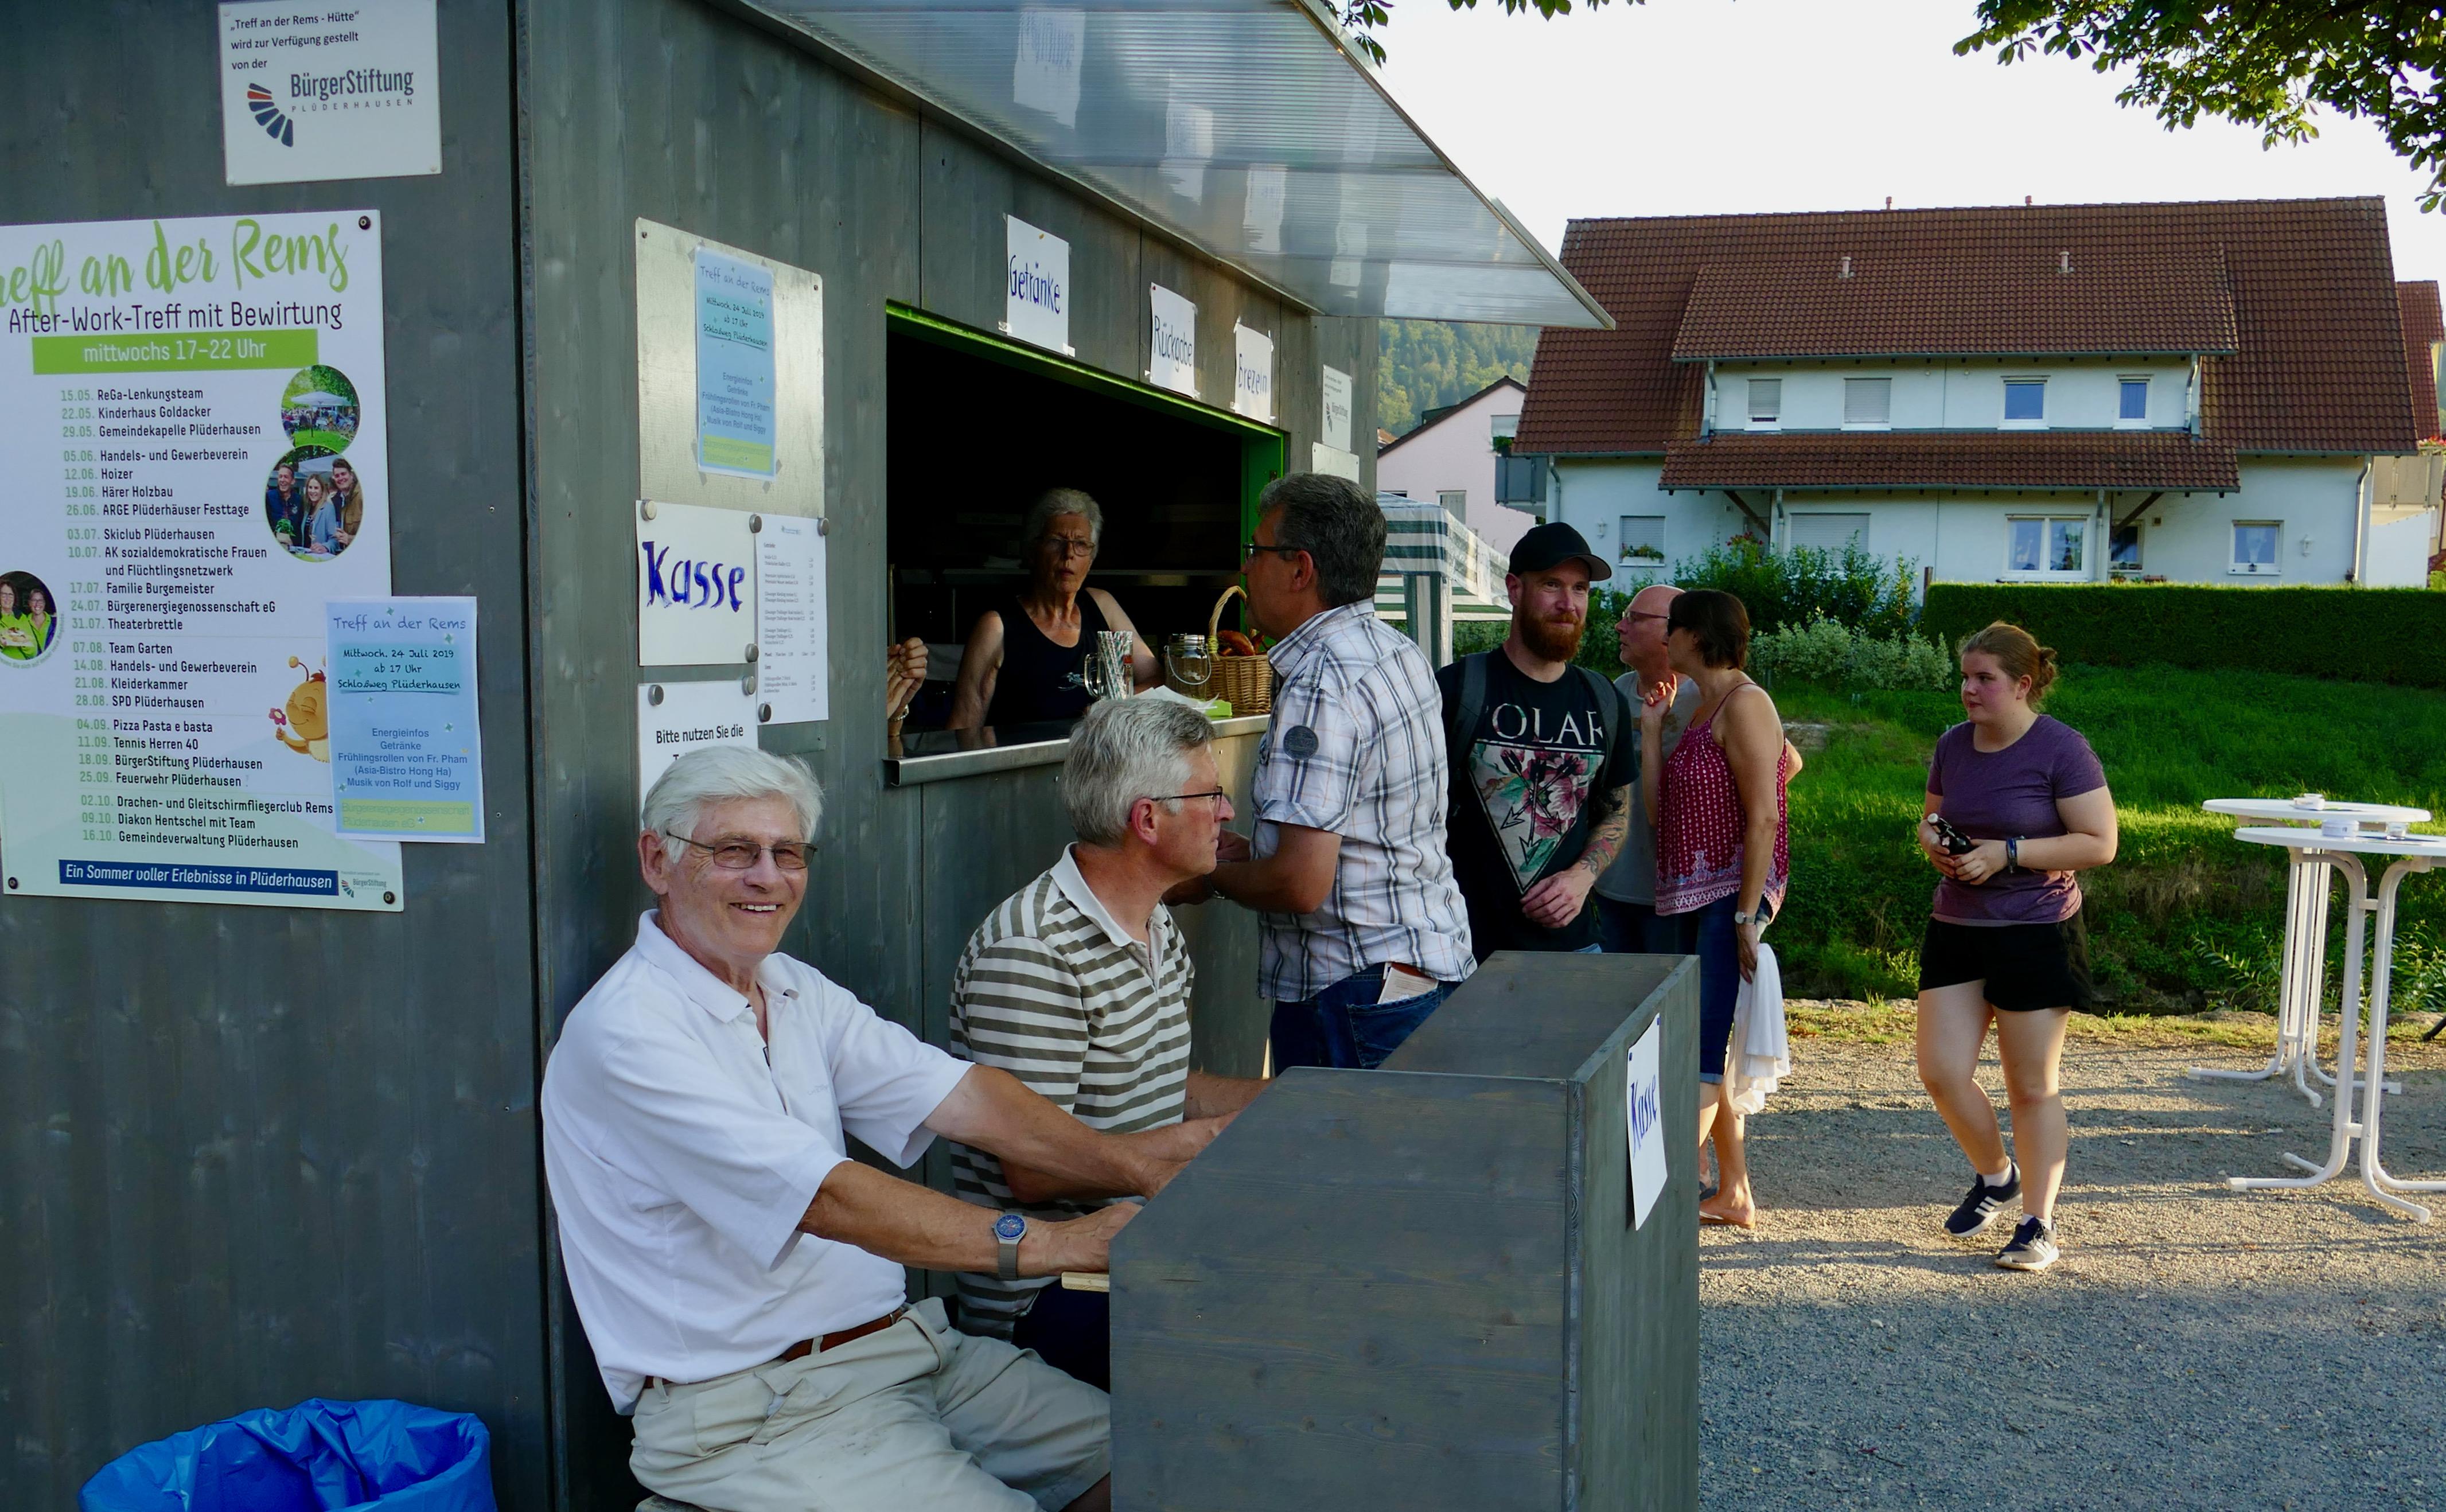 Vertreter des Vorstands, Dr. Jörg Abthoff und Bernhard Mang an der Kasse